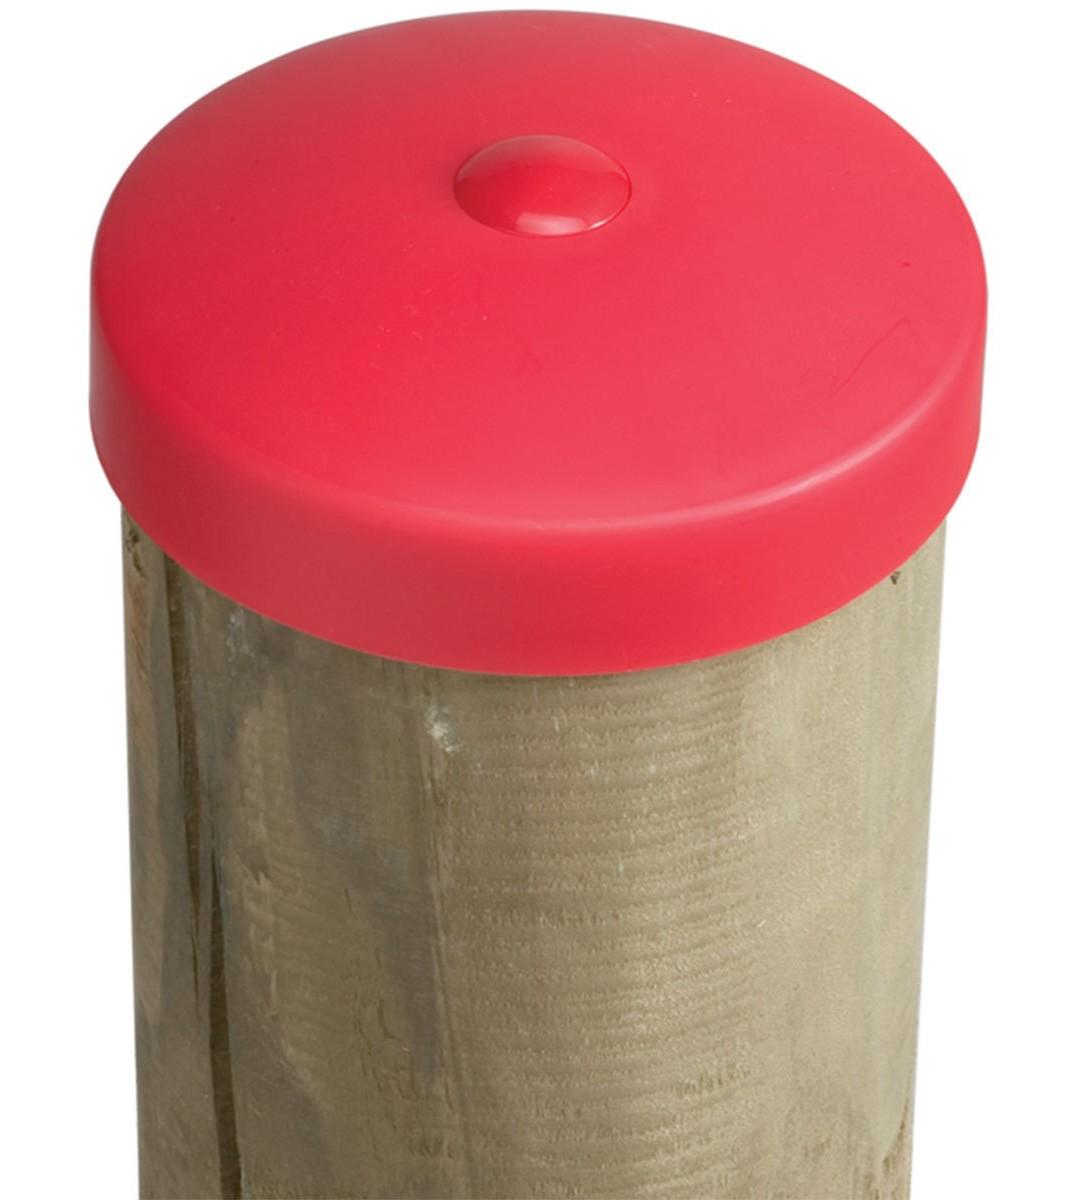 Abdeckkappe für Pfosten Kunststoff rot Ø 120mm Bild 1